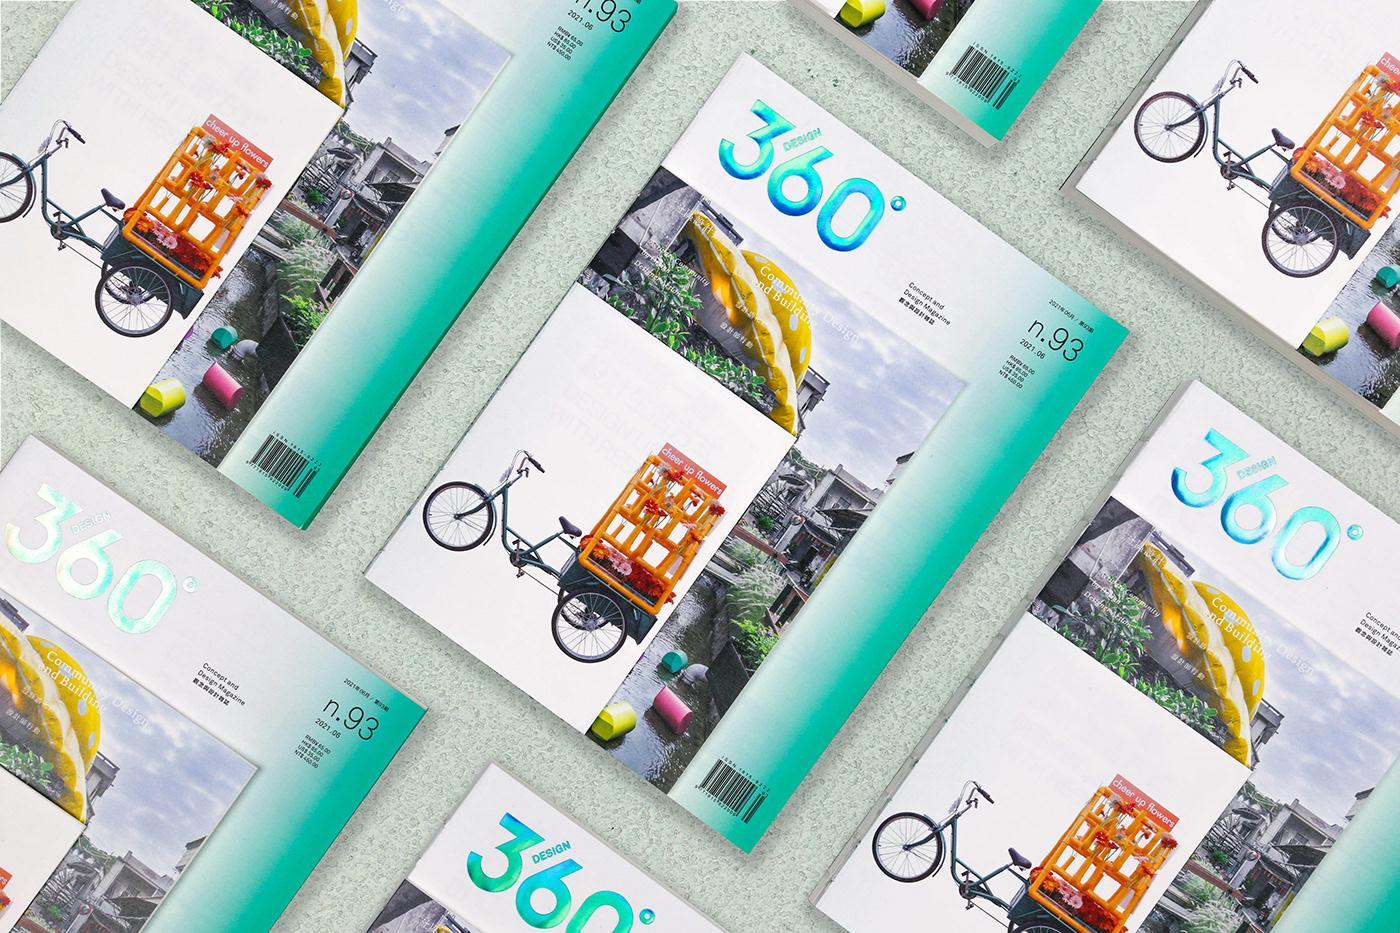 building communitydesign design360 designmagazine